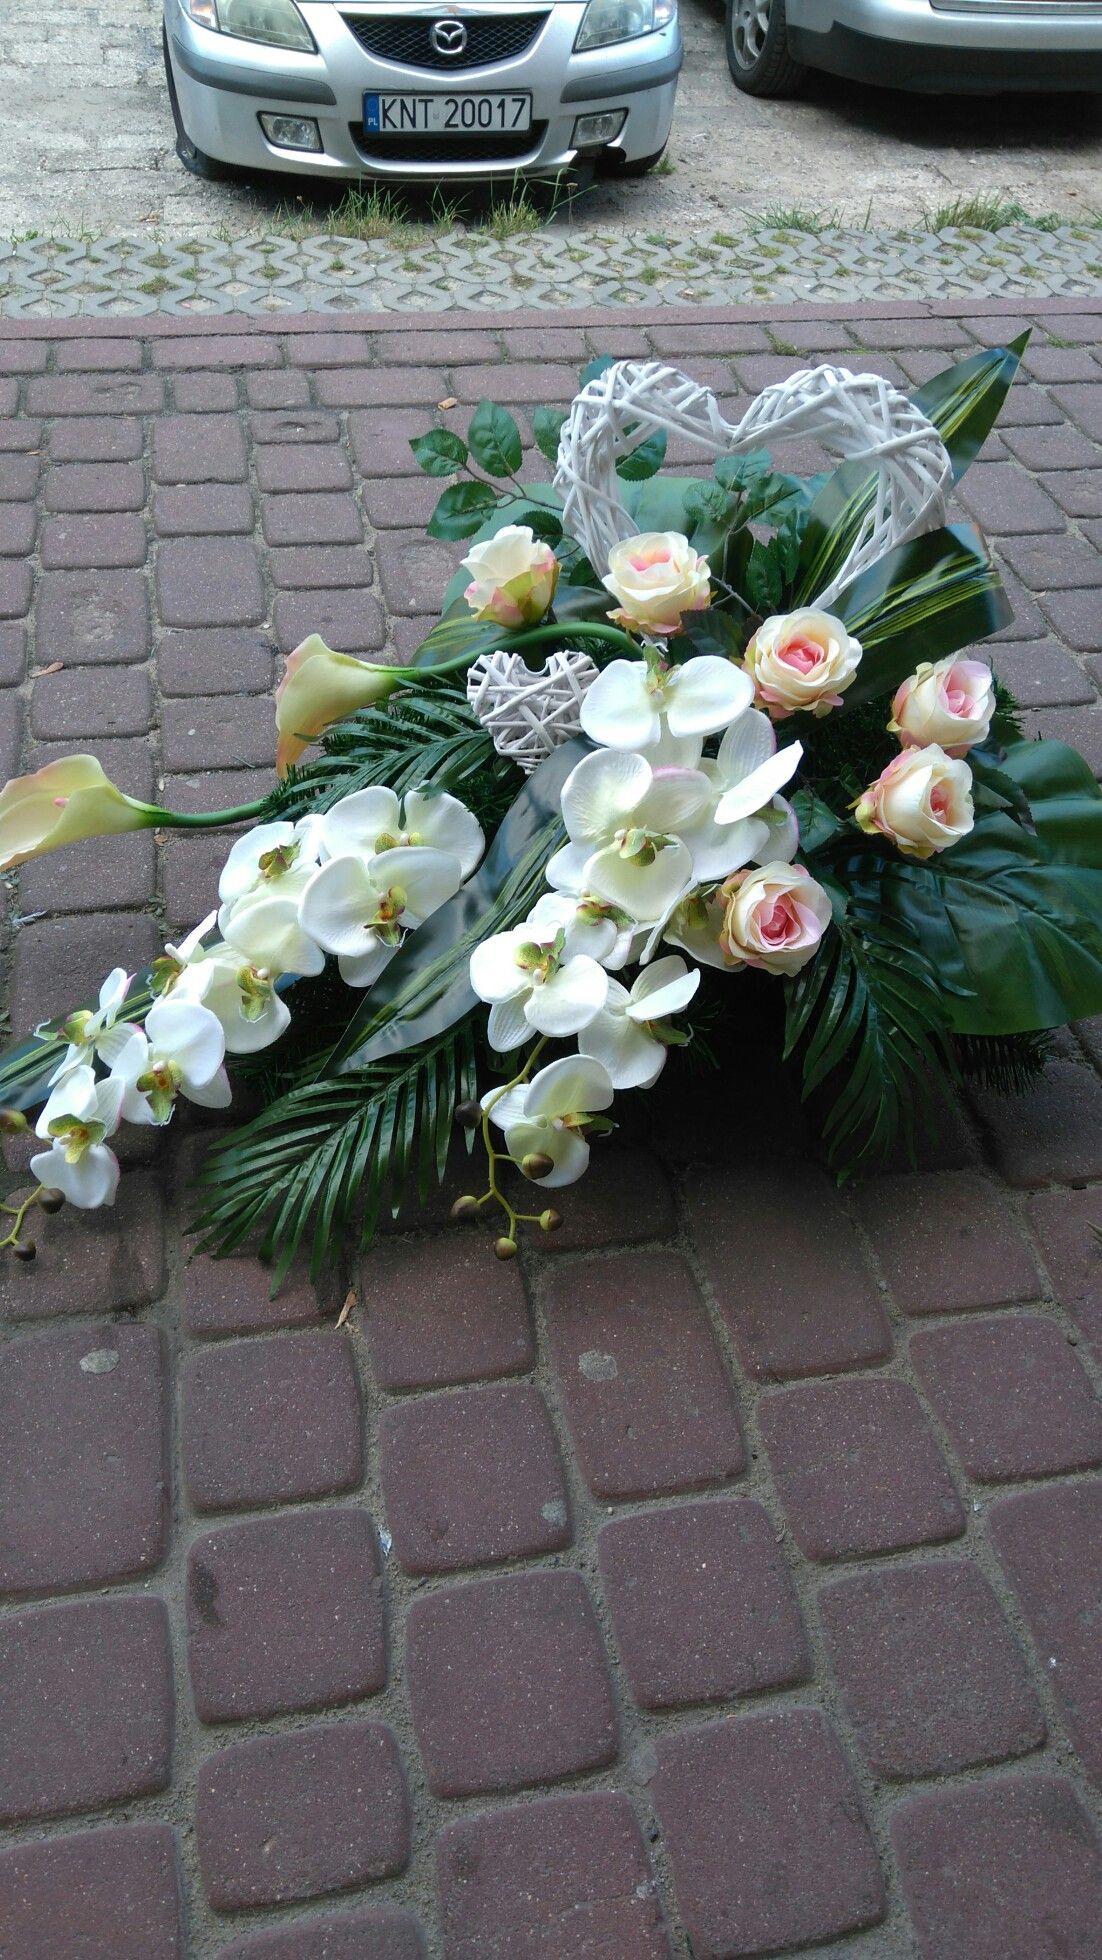 Pin By Malgorzata Kurowicka On Kompozycje Na Cmentarz Flower Arrangements Funeral Flowers Silk Flowers